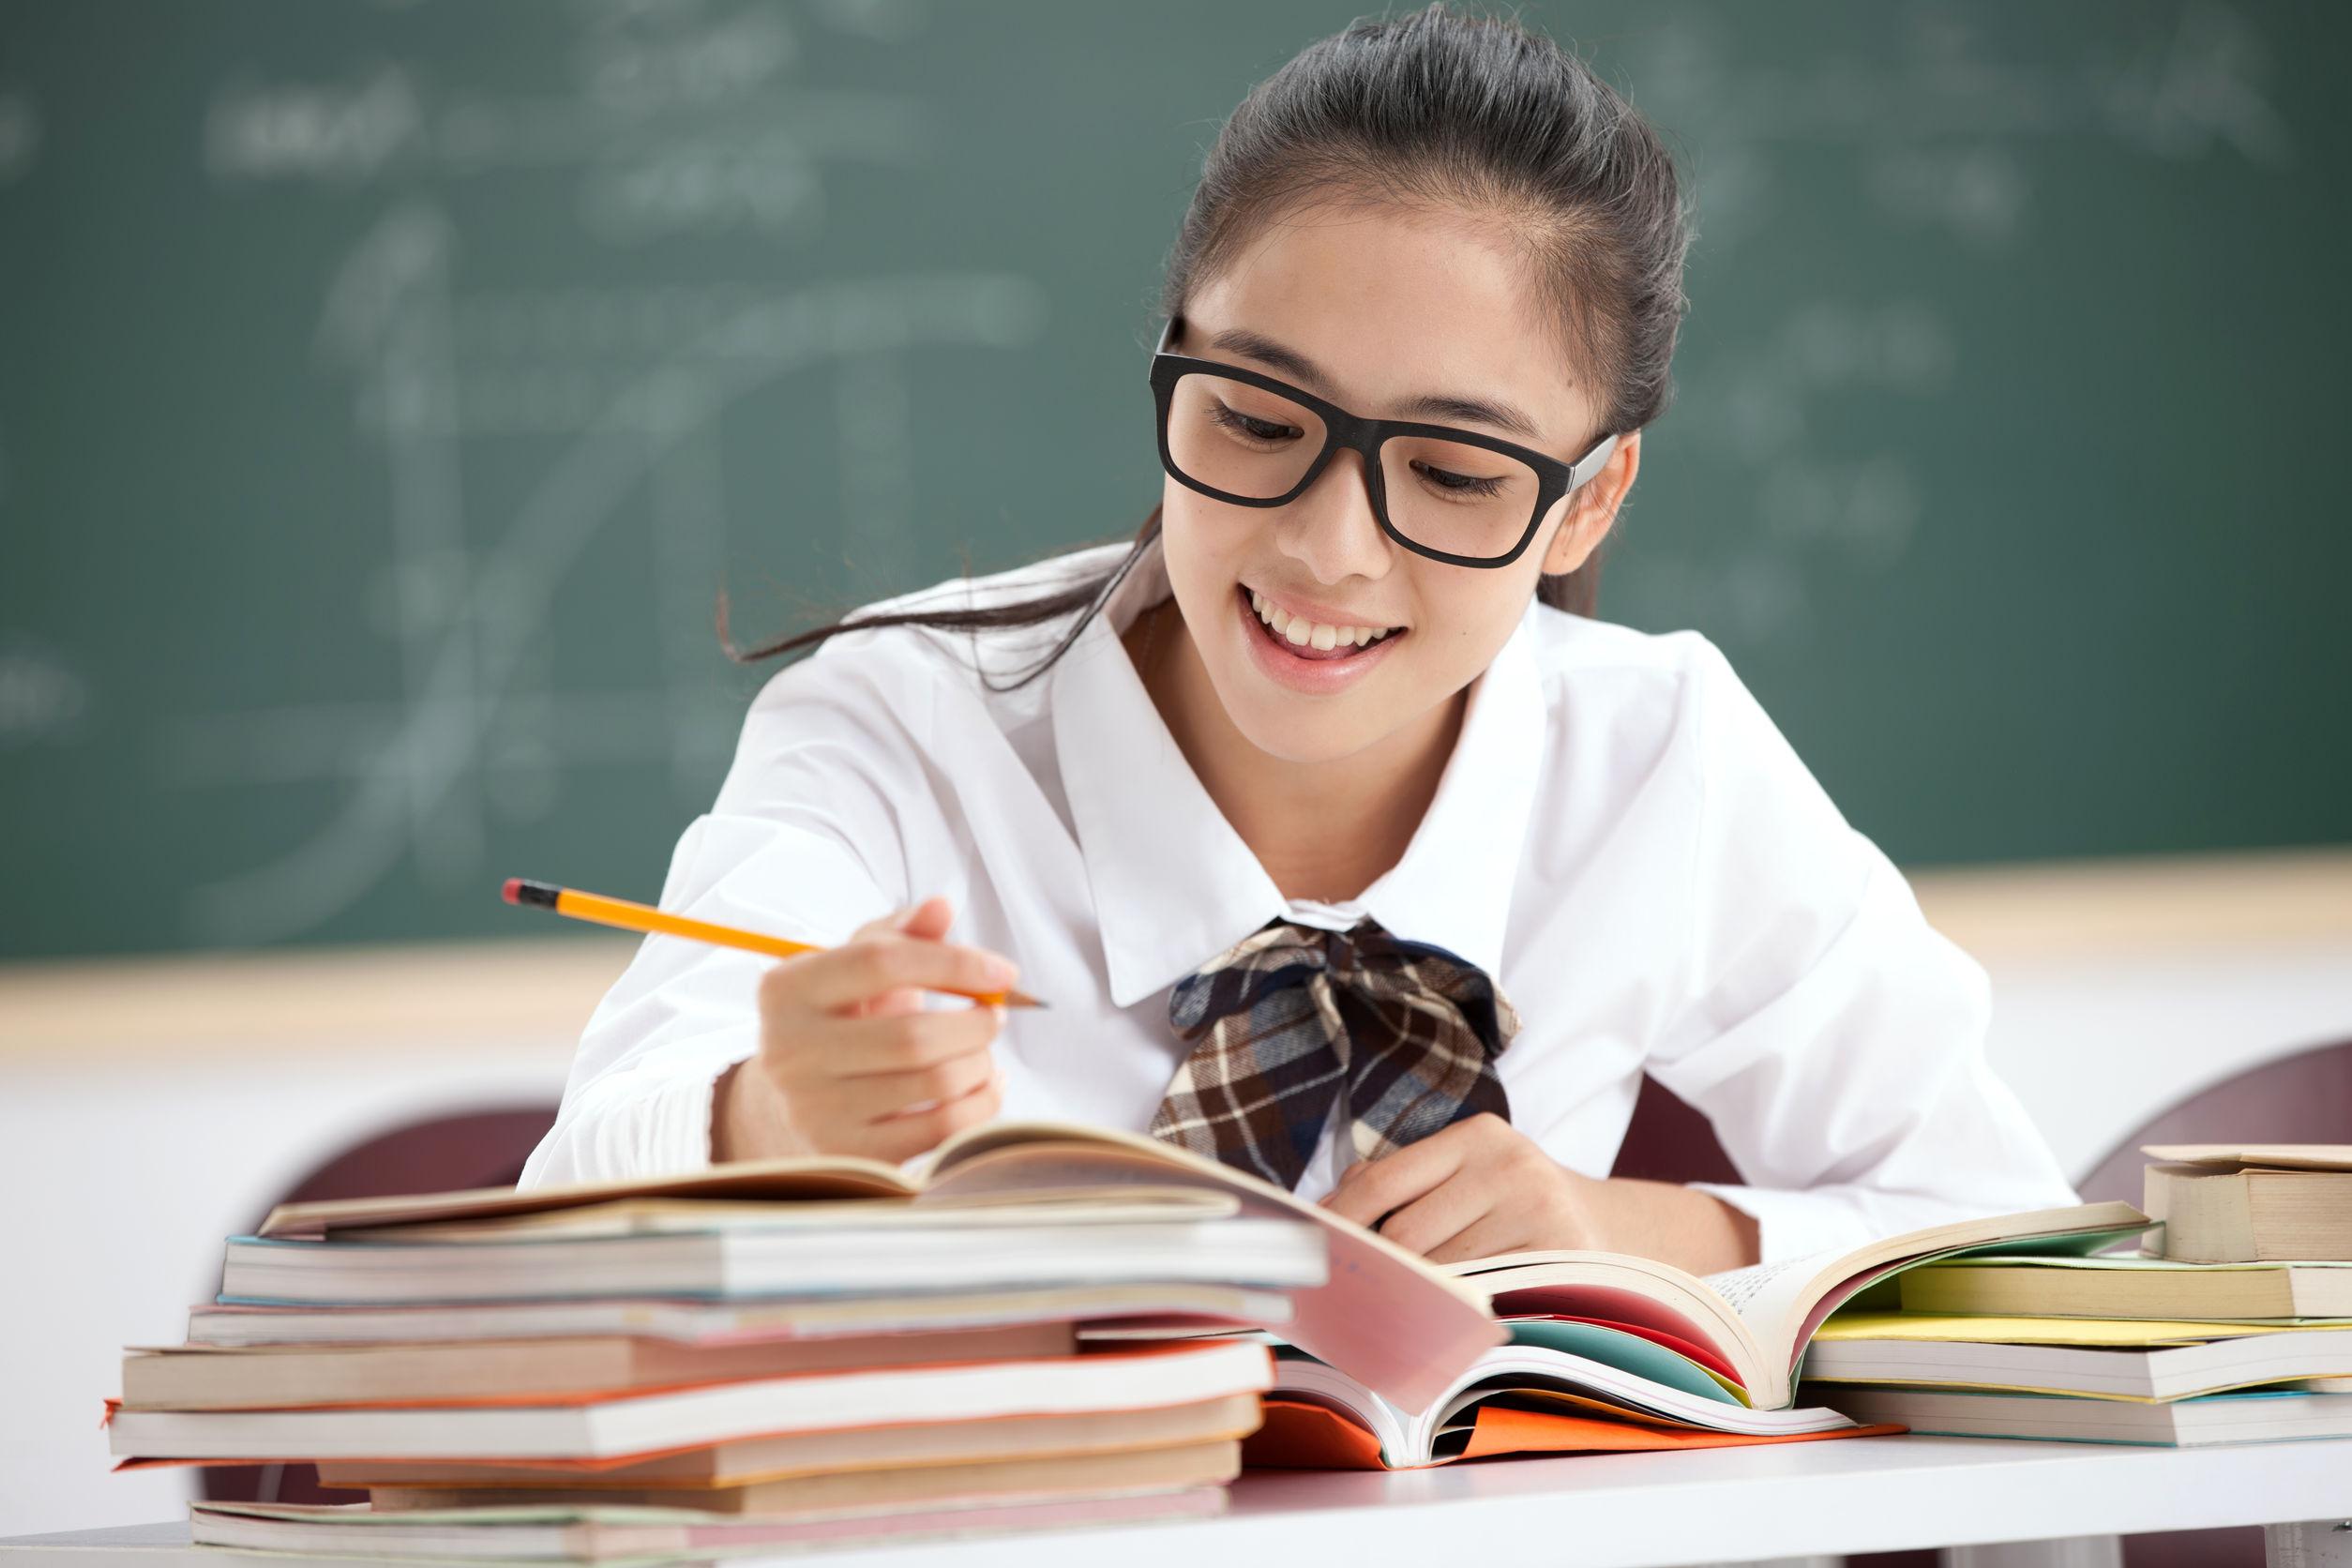 備審資料準備與面試經驗分享 Part 1|張育嘉-升學面試